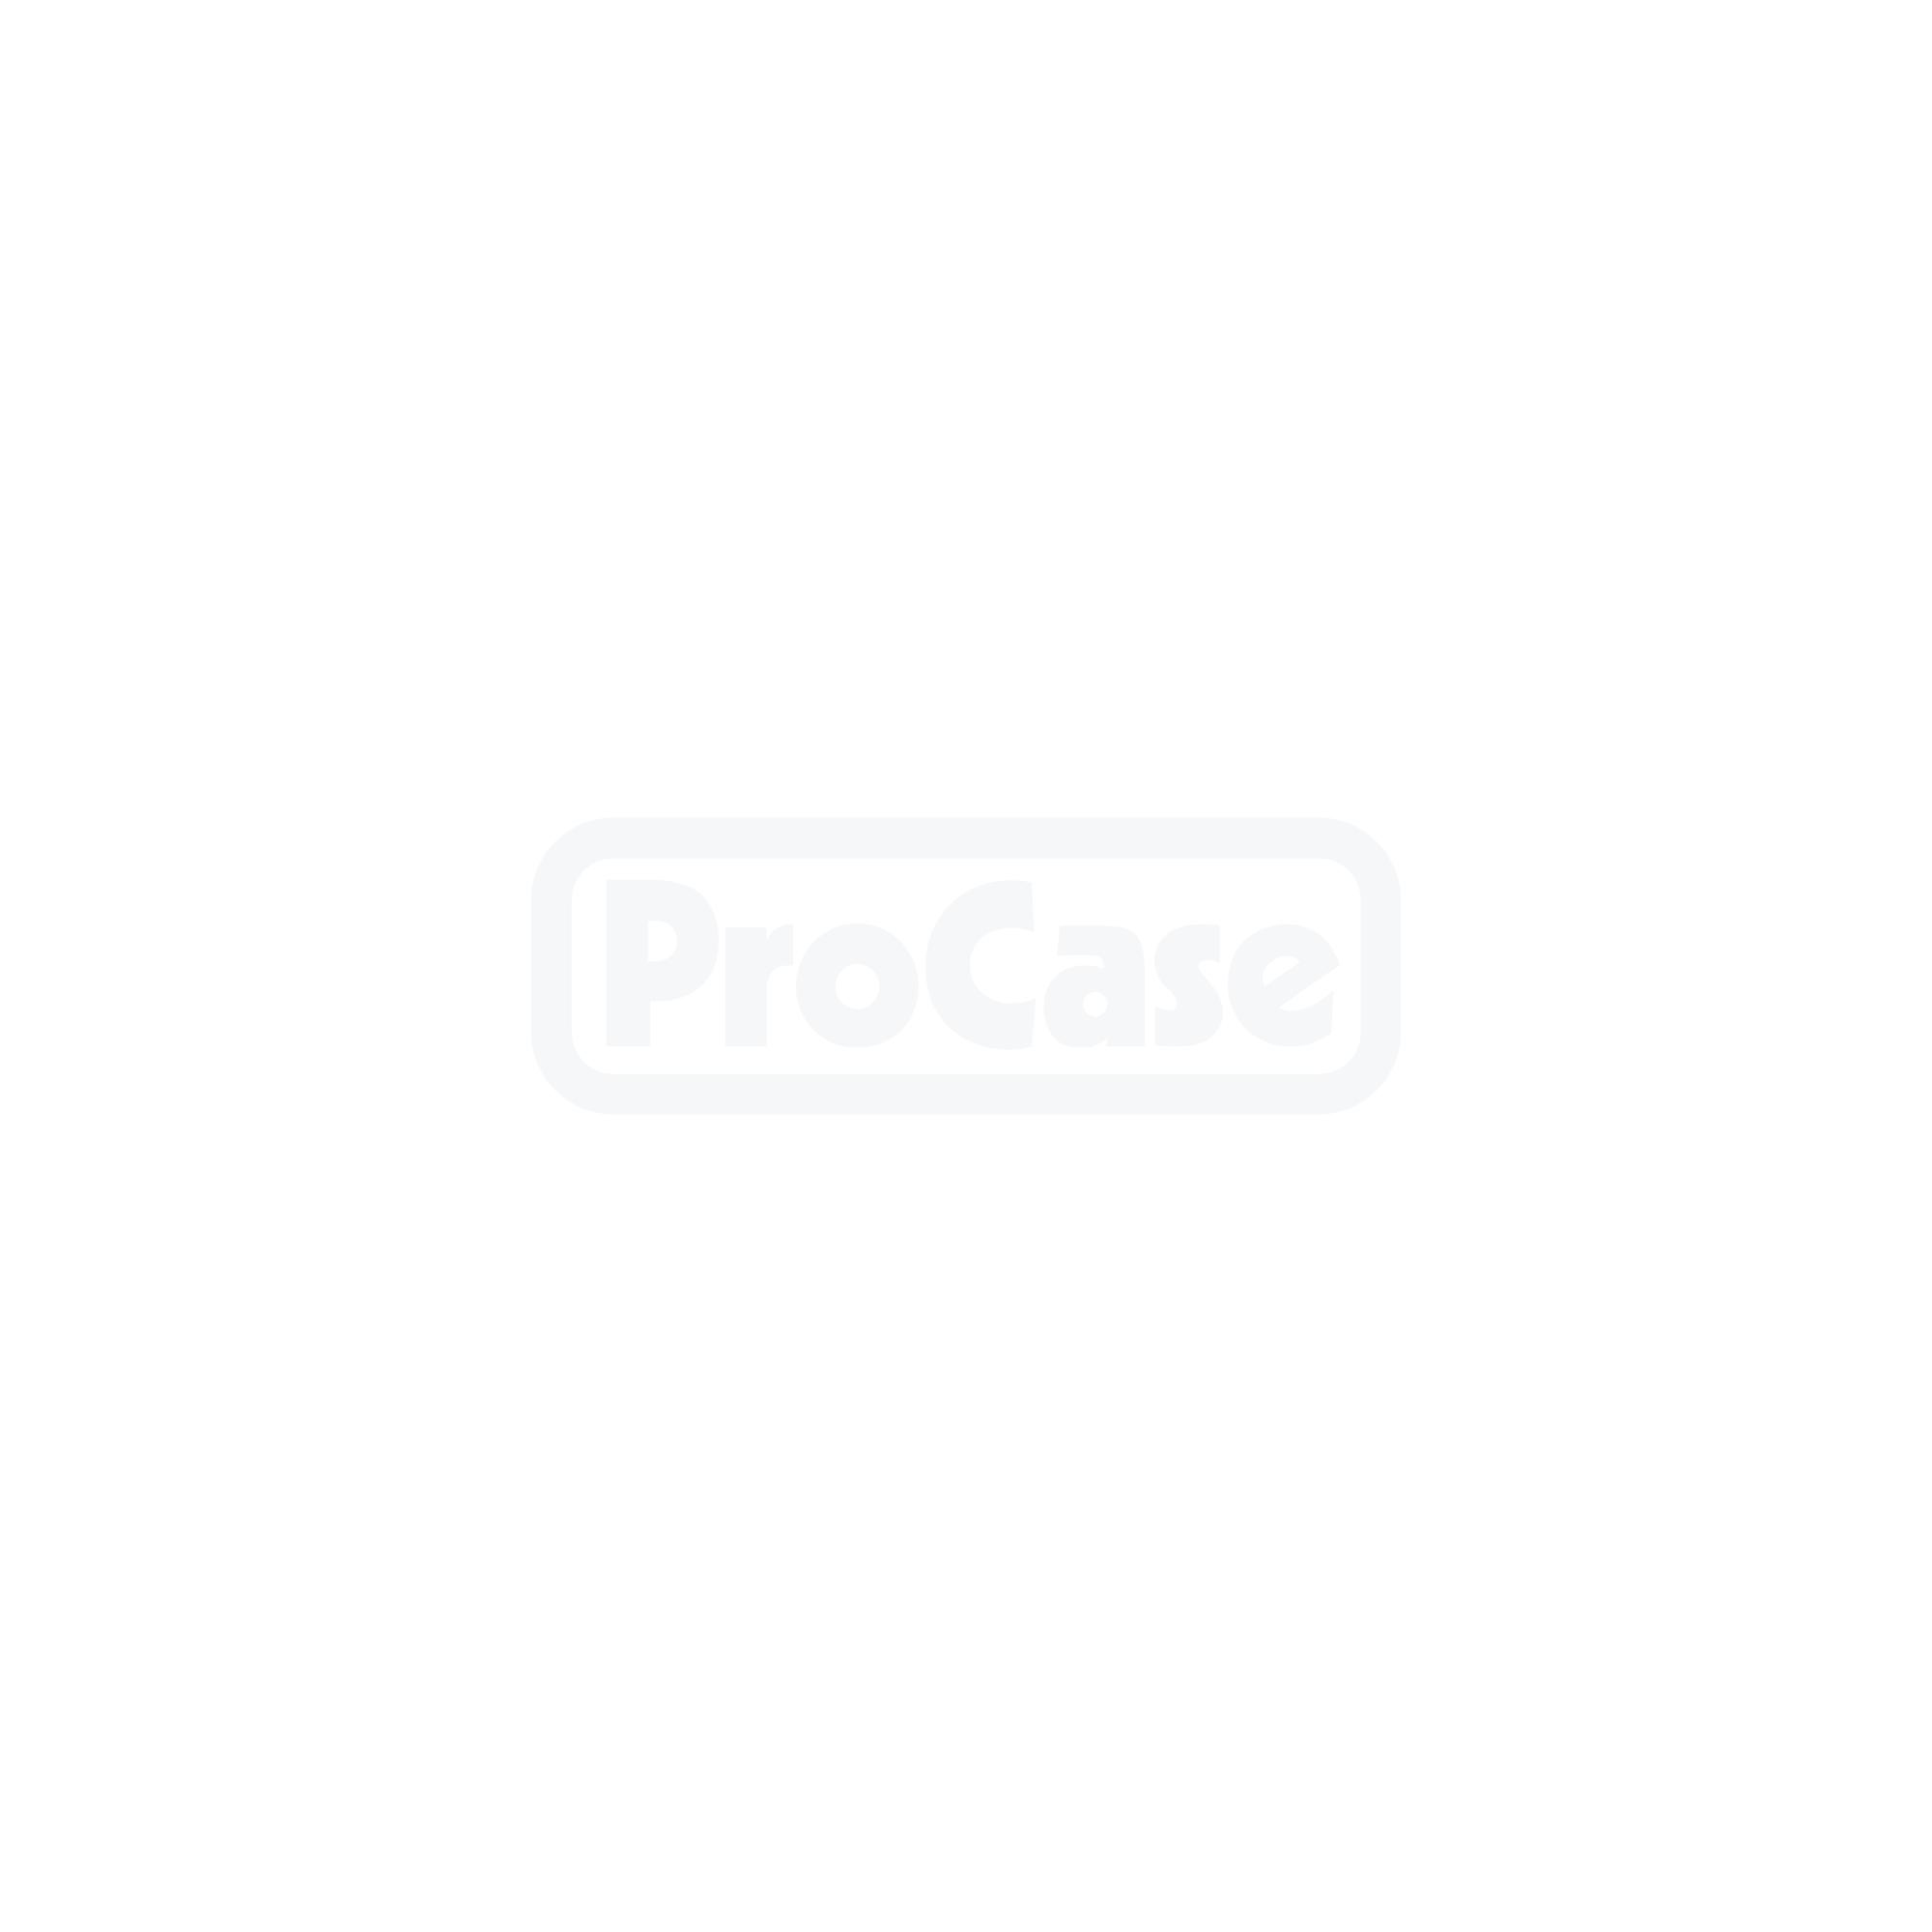 SKB 3i Koffer 3614-6 leer mit Trolley 4